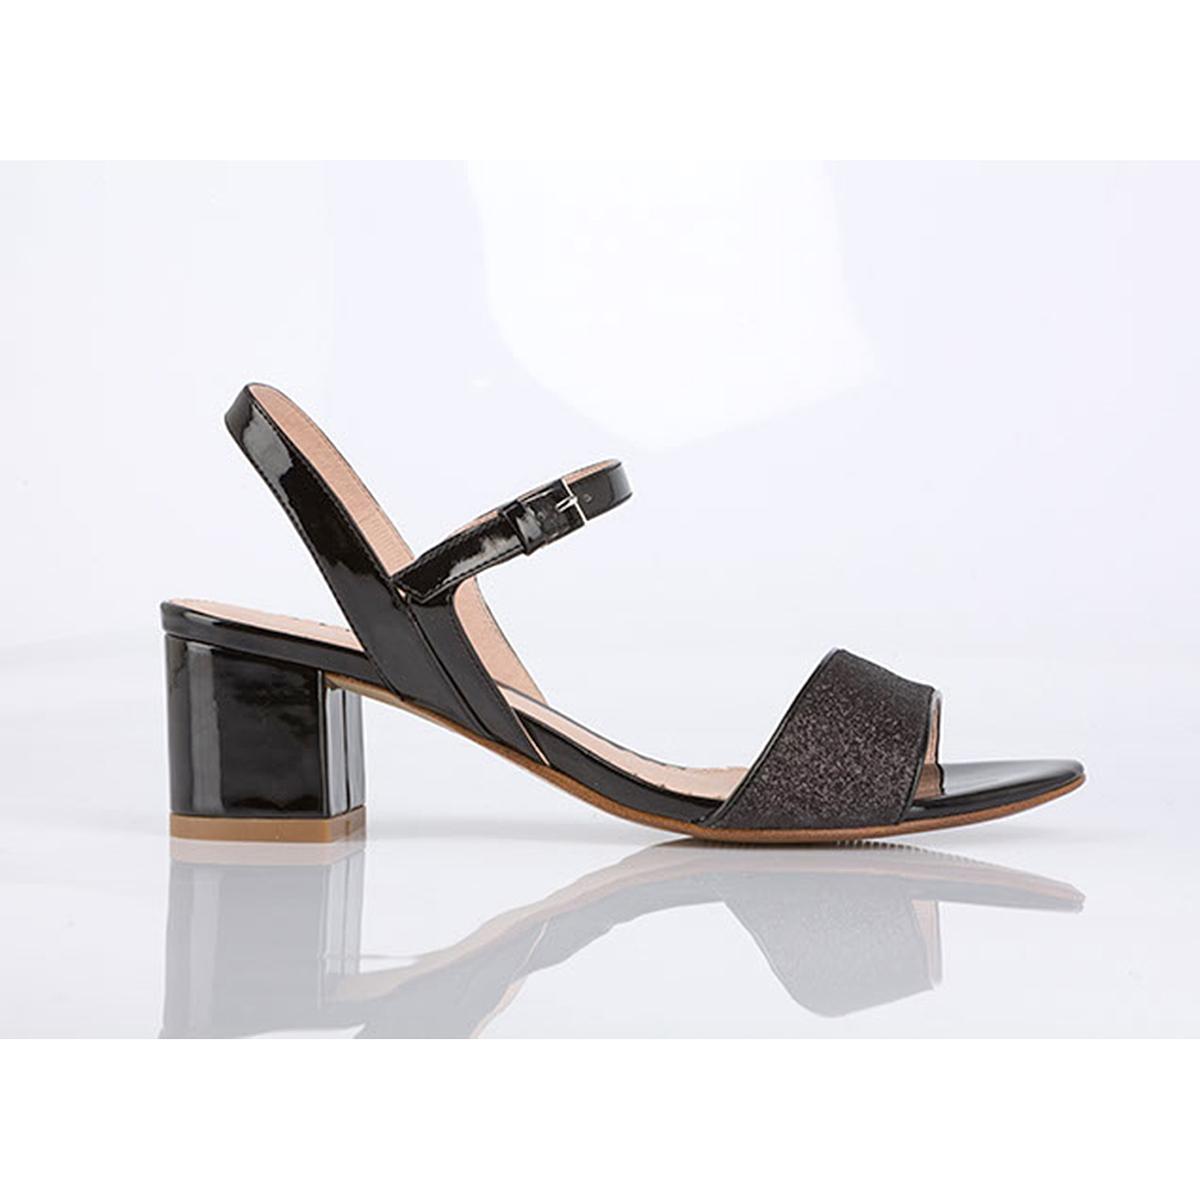 Босоножки BadamiВерх: текстиль и синтетика.Подкладка: кожа.  Стелька: кожа.  Подошва: синтетика.Высота каблука: 6 см.Форма каблука: квадратный.  Мысок:закругленный.  Застежка: пряжка.<br><br>Цвет: черный